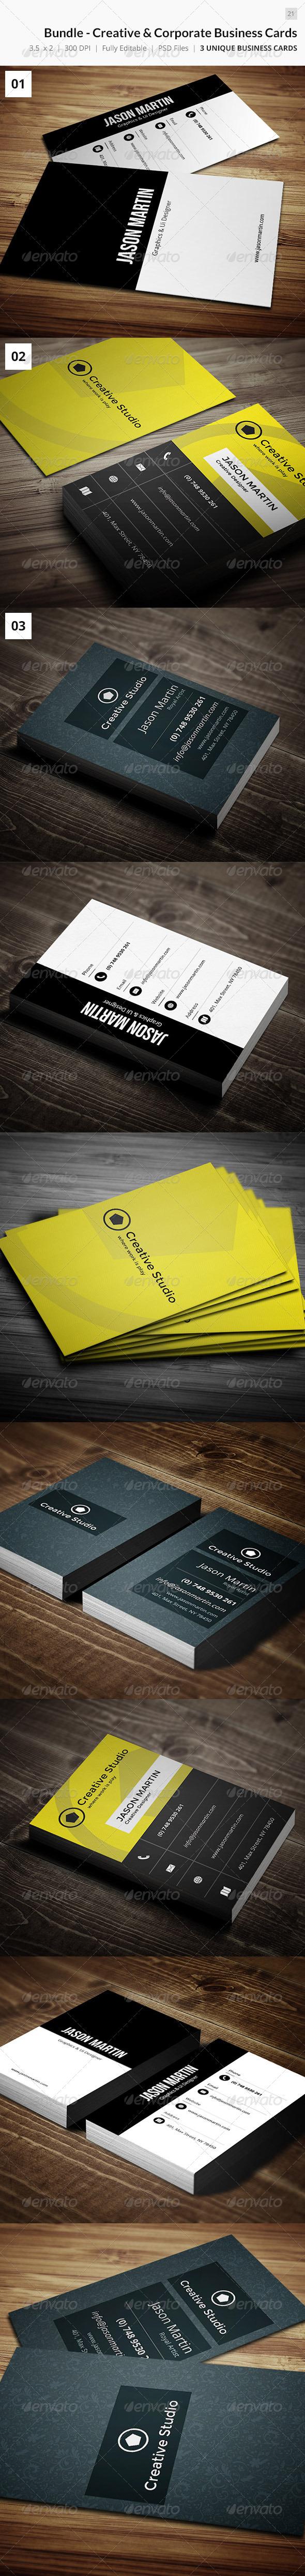 Bundle - Creative & Corporate Business Card 21 - Creative Business Cards